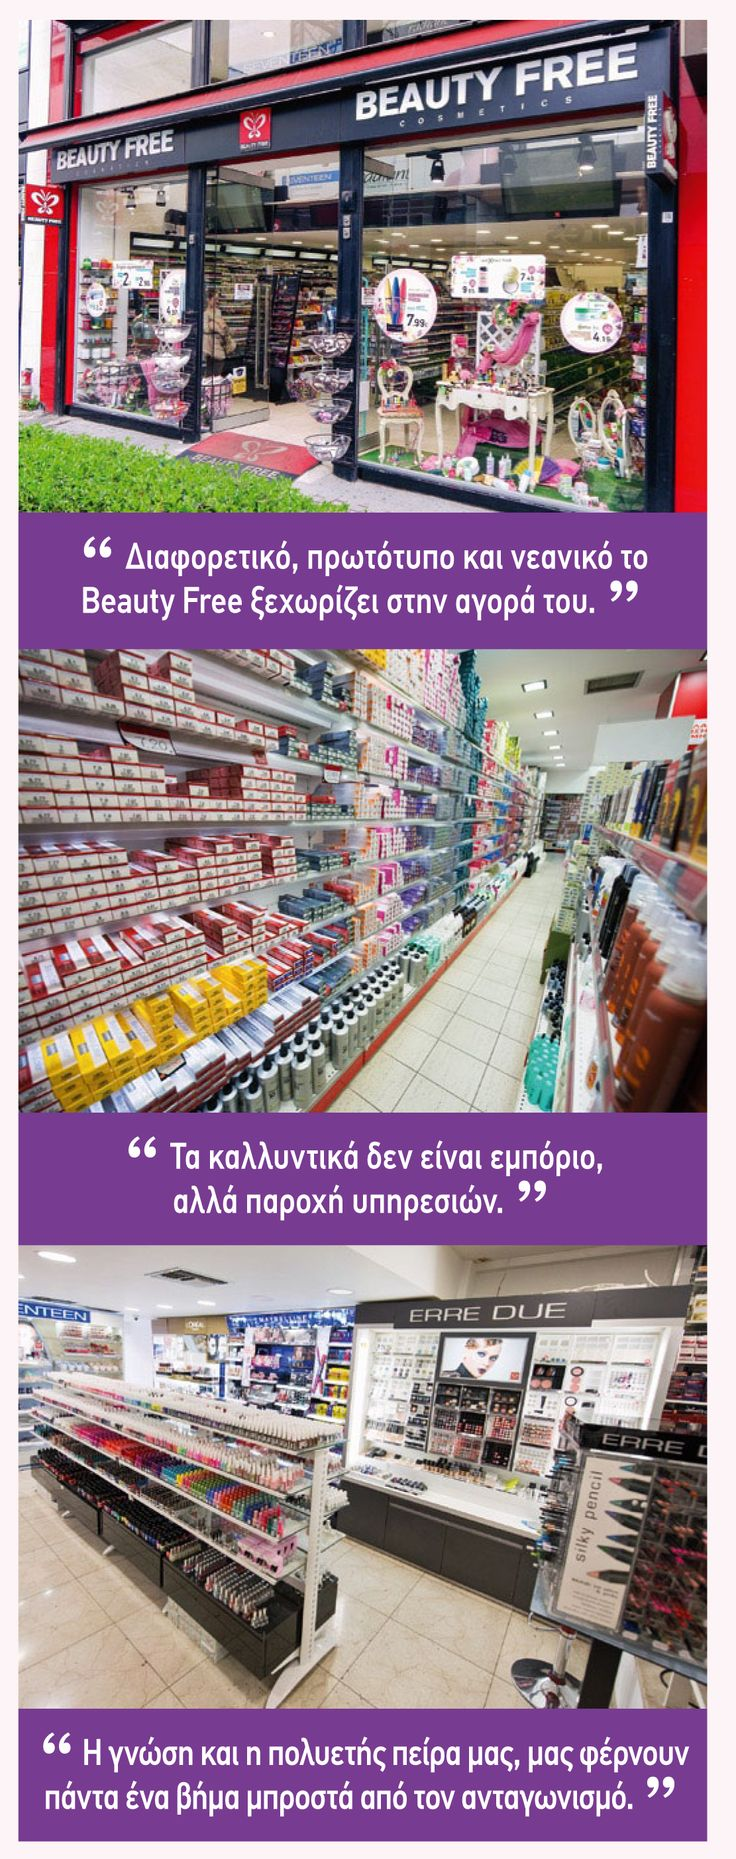 Διαφορετικό, πρωτότυπο και νεανικό το Beauty Free ξεχωρίζει στην αγορά του.